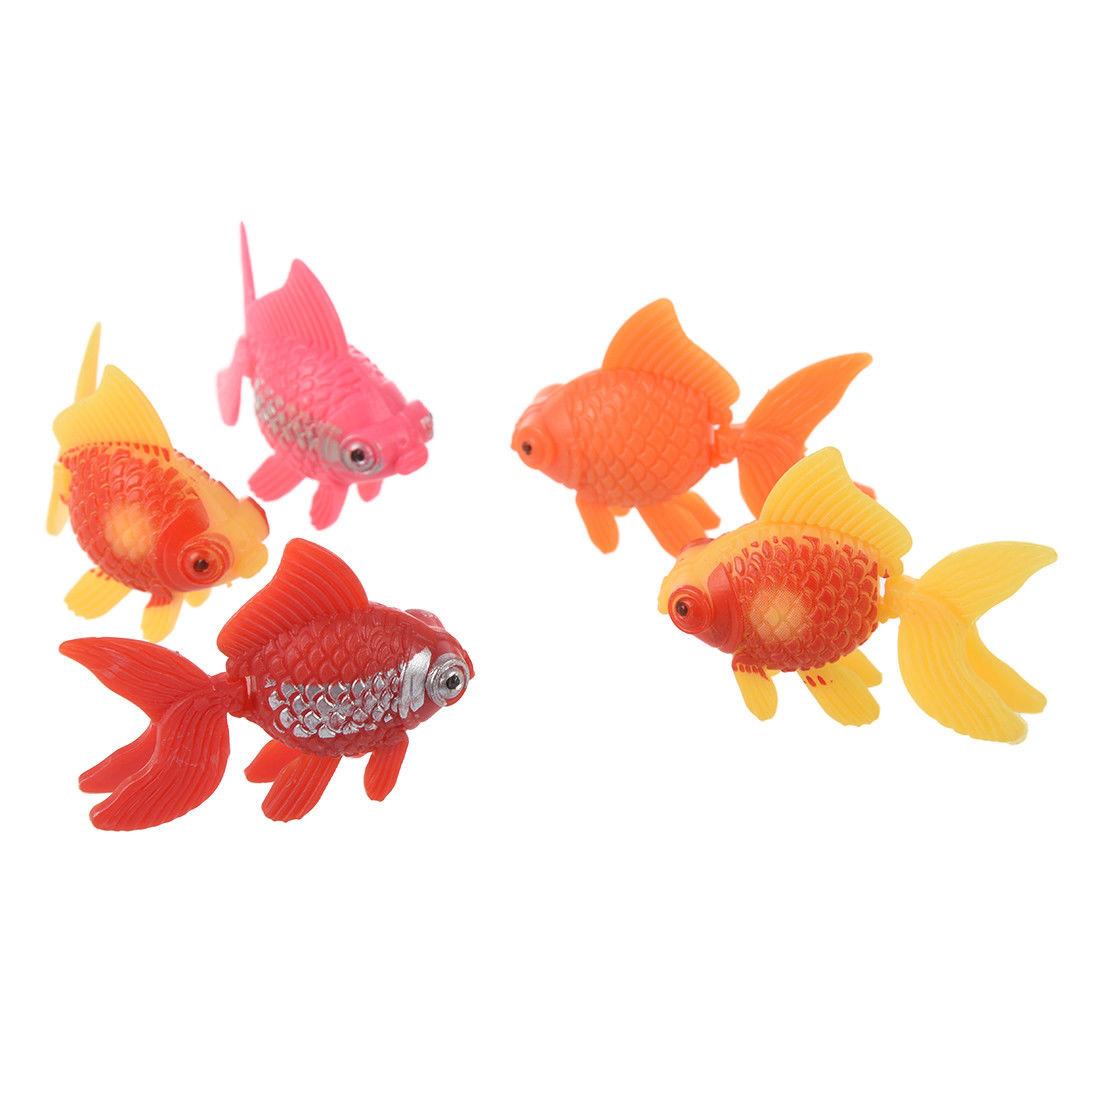 1 65 5pcs Artificial Plastic Ornament Aquarium Fish Goldfish S9d8 Ebay Home Garden Goldfish Aquarium Fish Aquarium